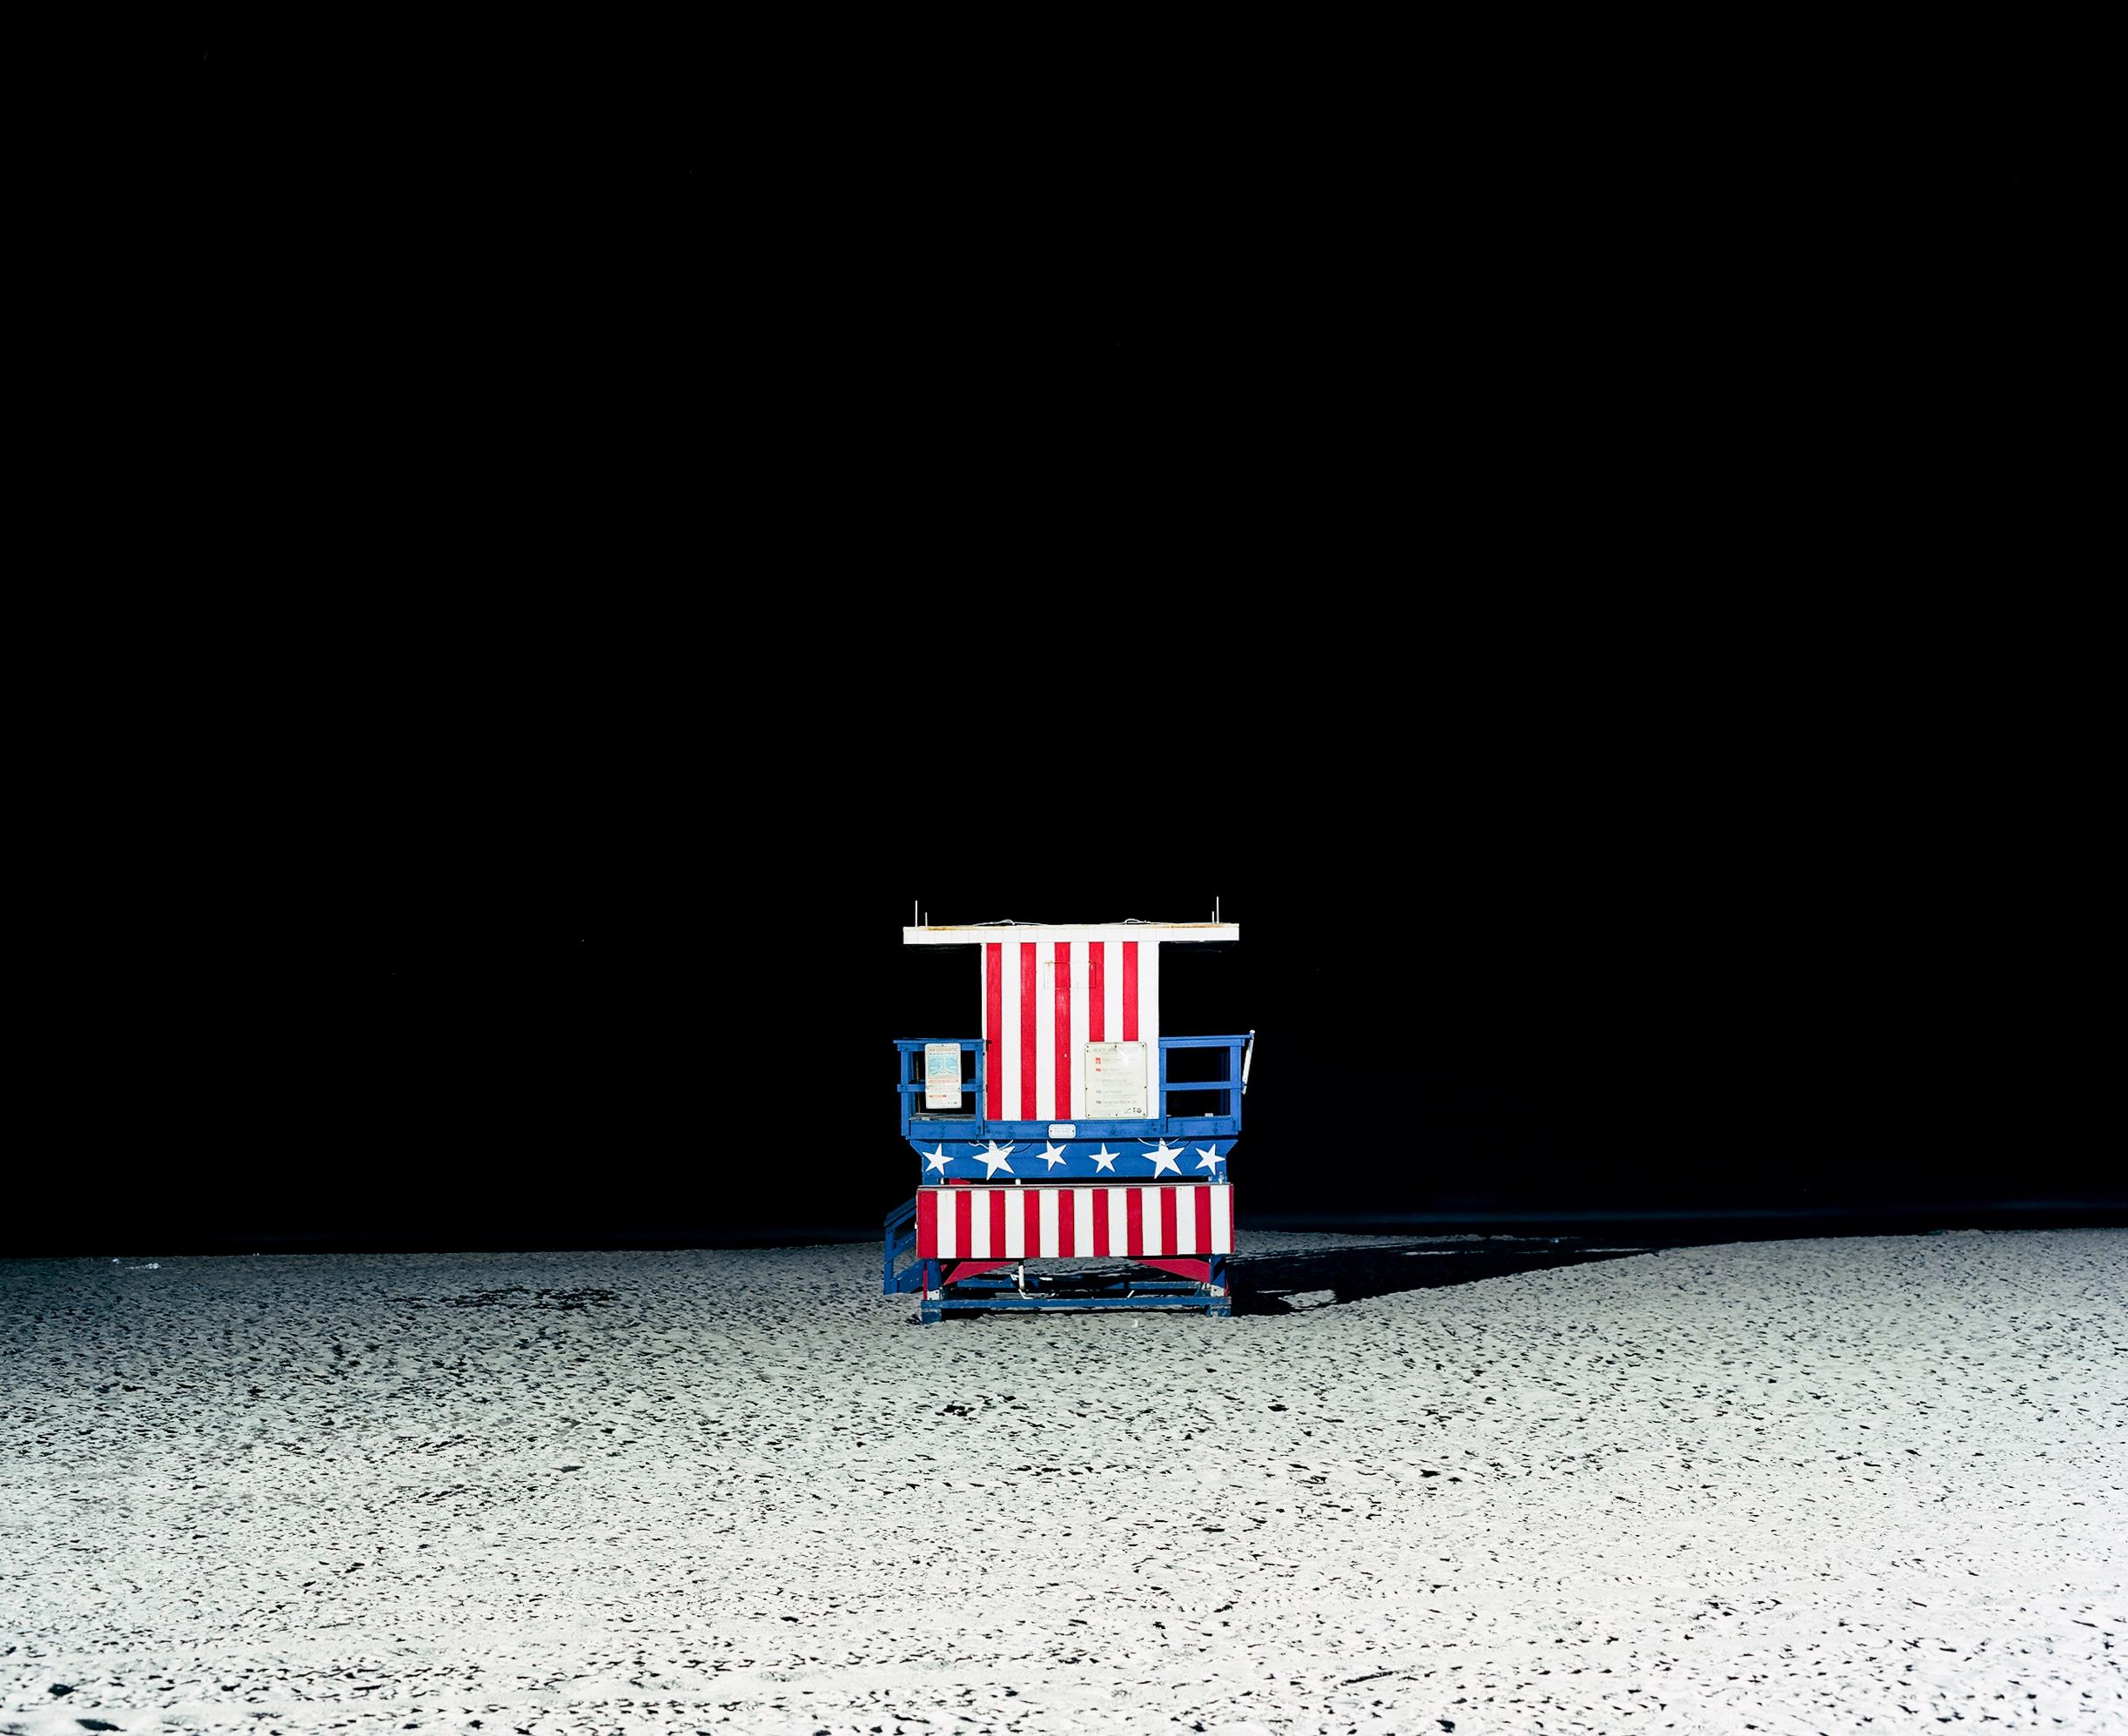 tungsten beach - coolneeded